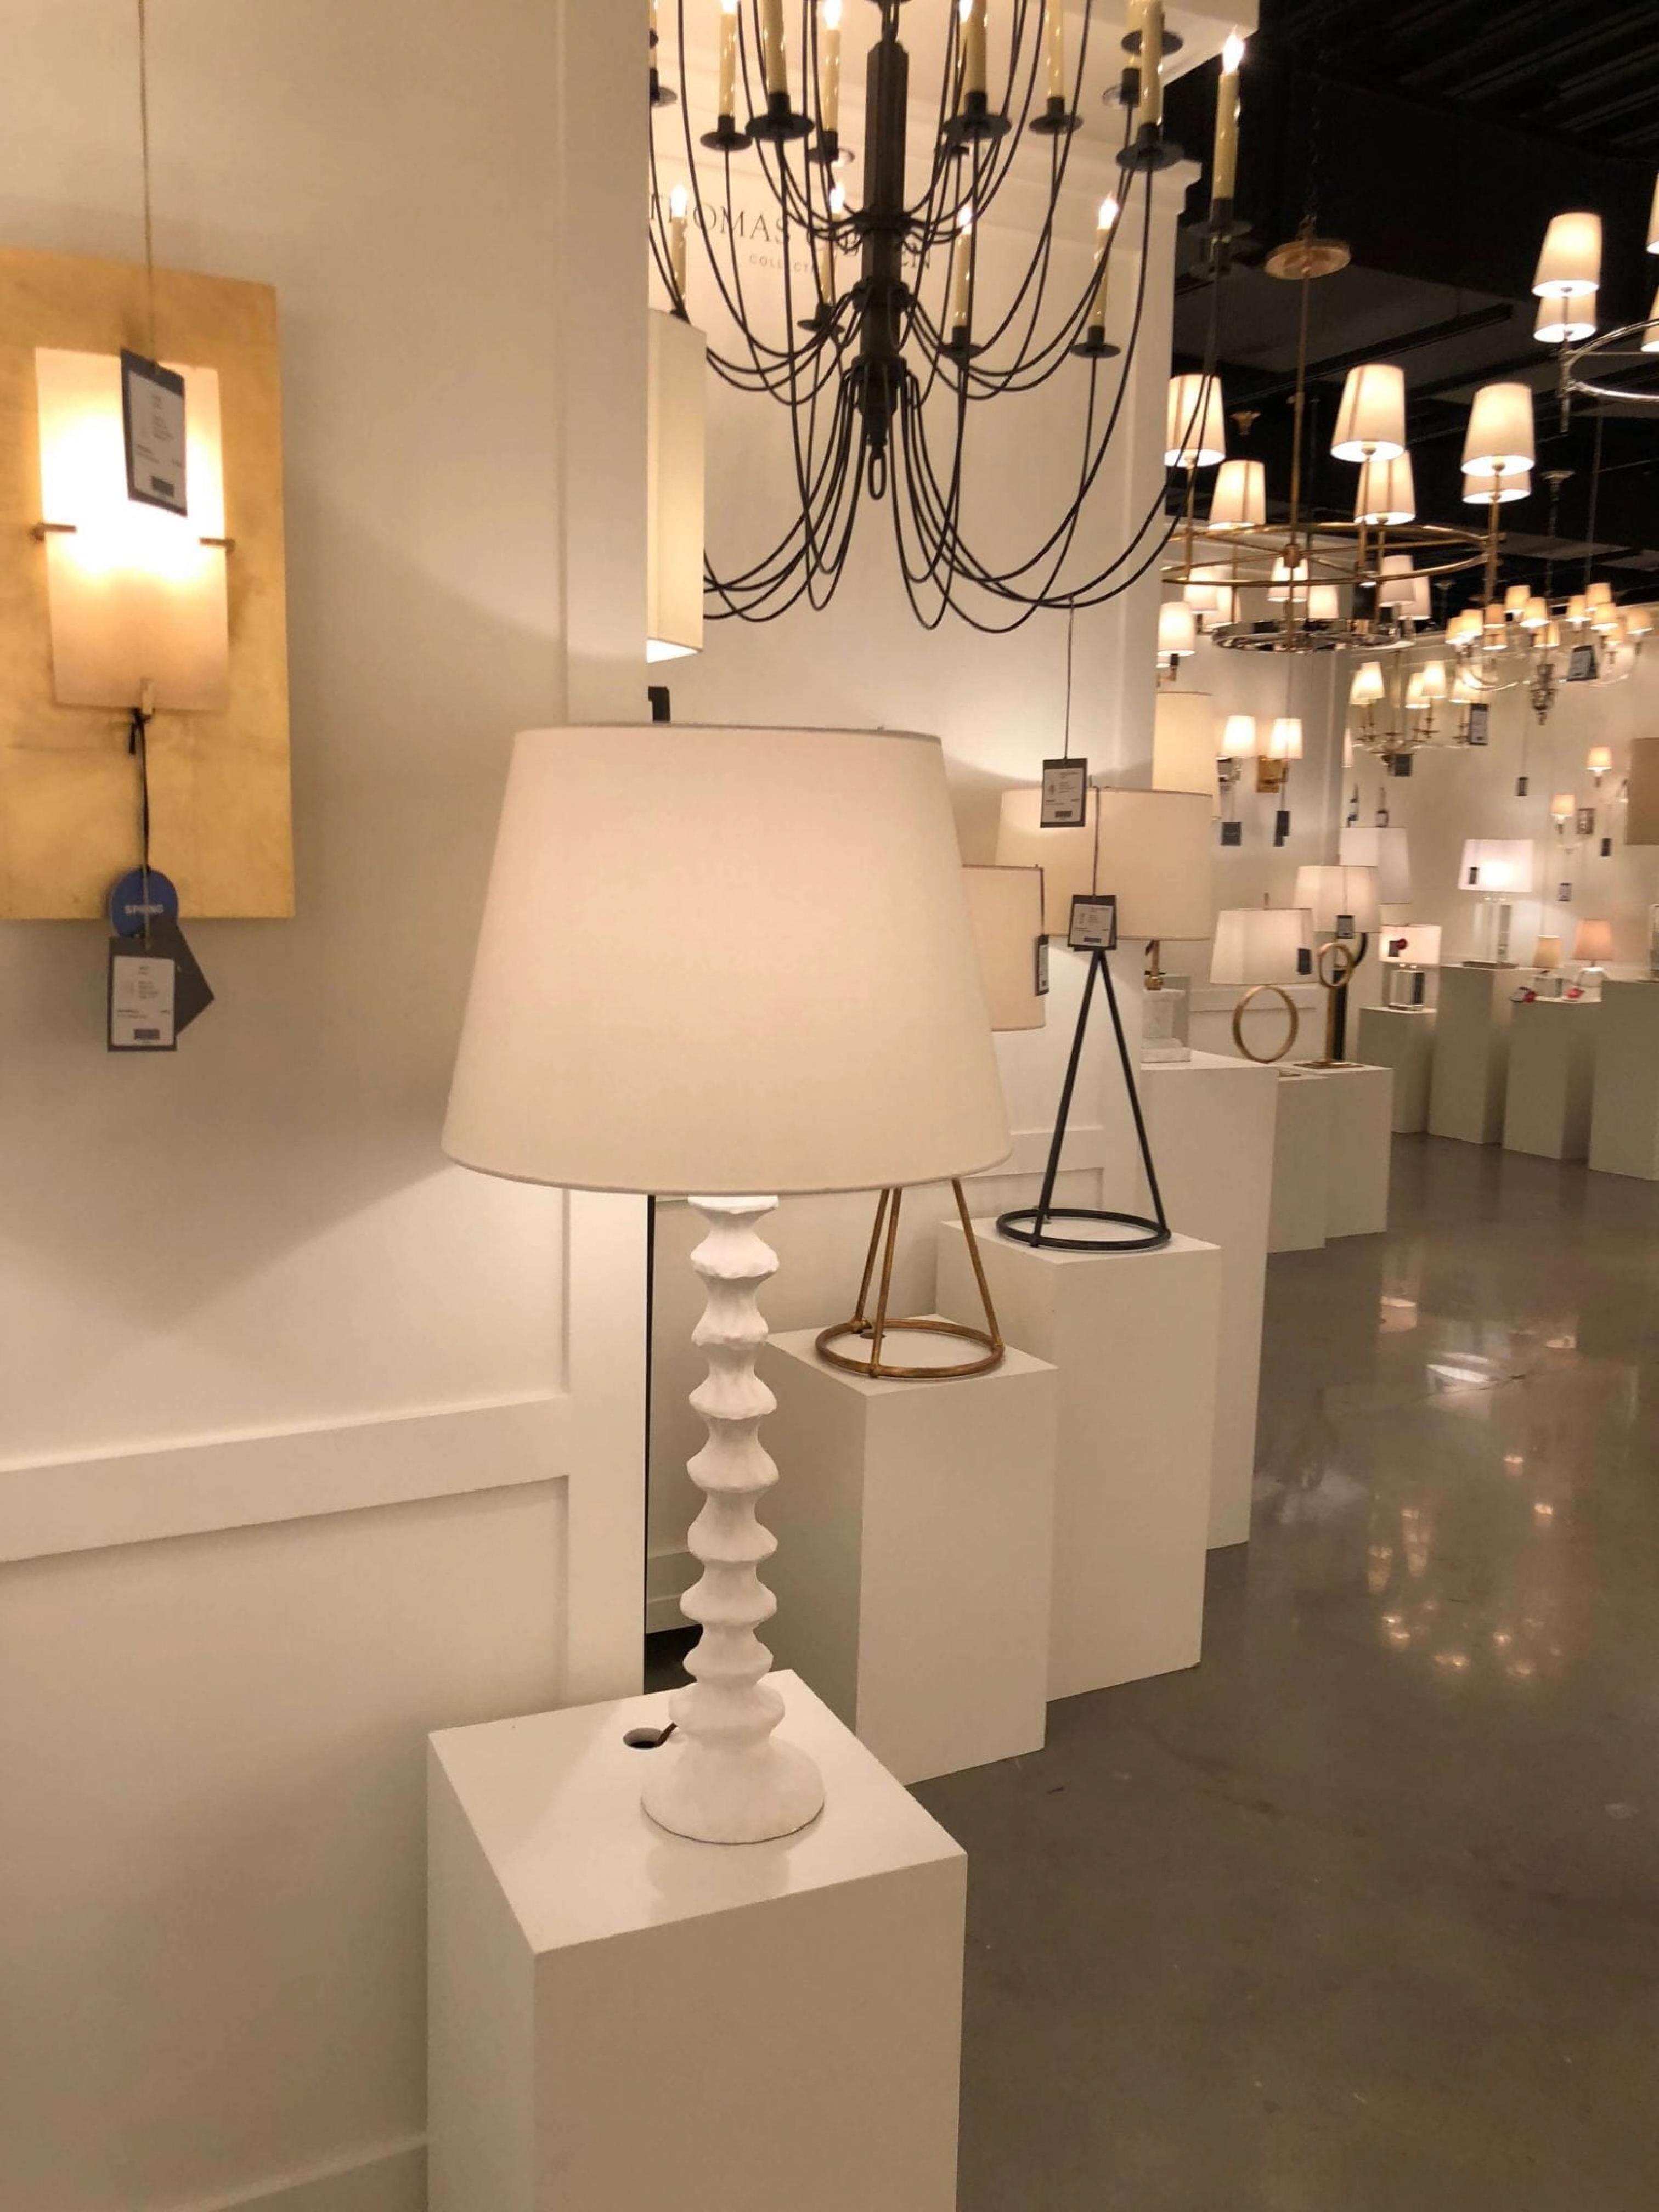 img_8749-copy-lovely-lights